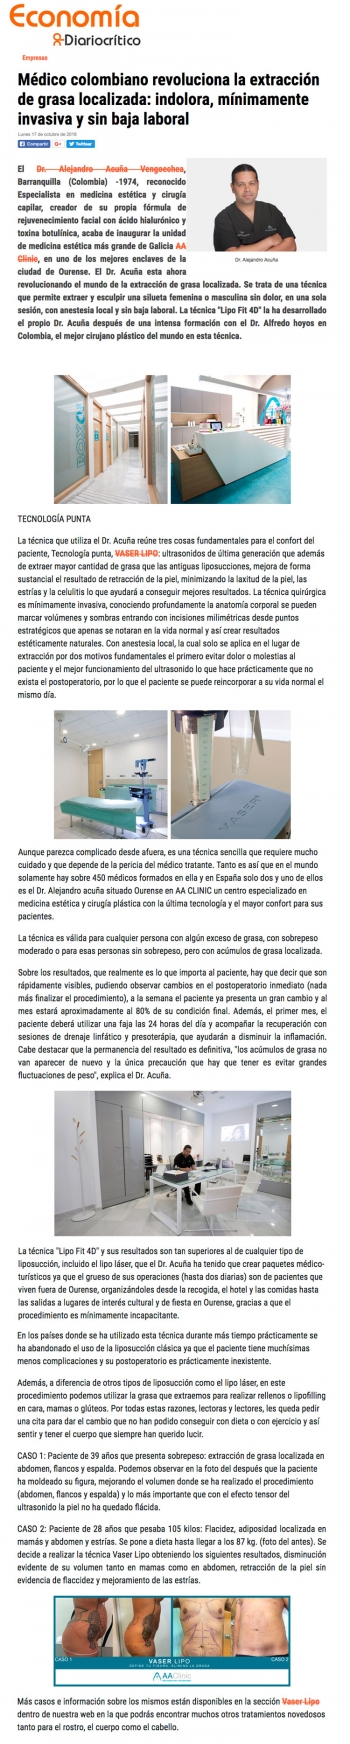 prensa_dr_alejandro_acuna_diario